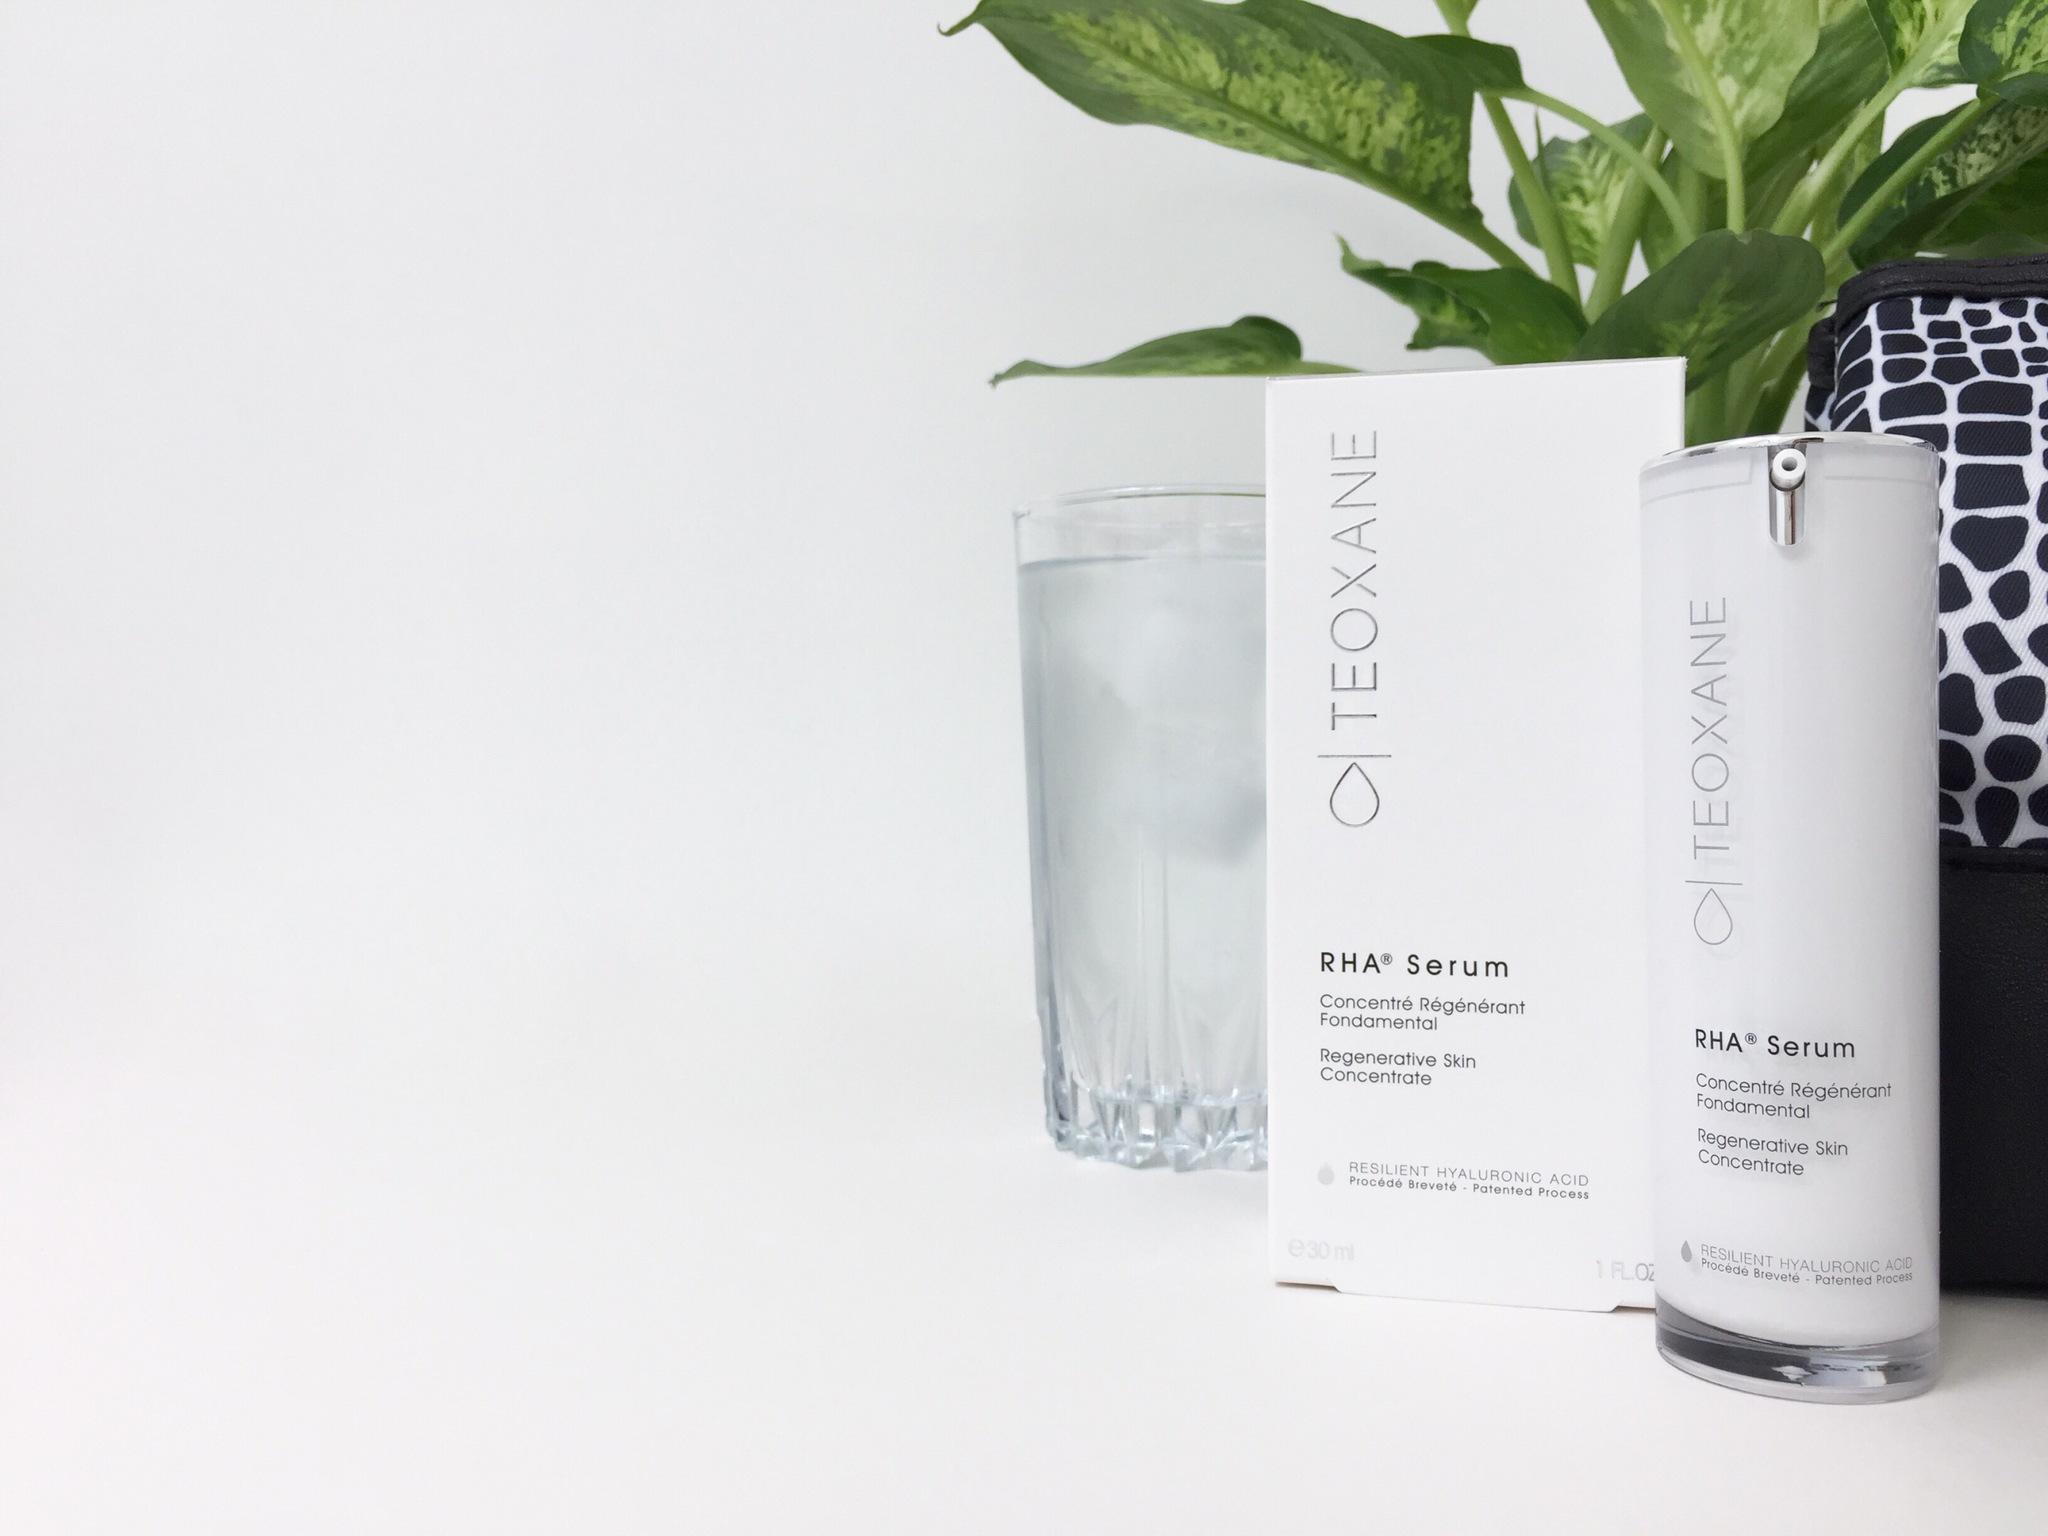 Serum dưỡng ẩm và trẻ hóa da Teoxane RHA Serum 30 ml